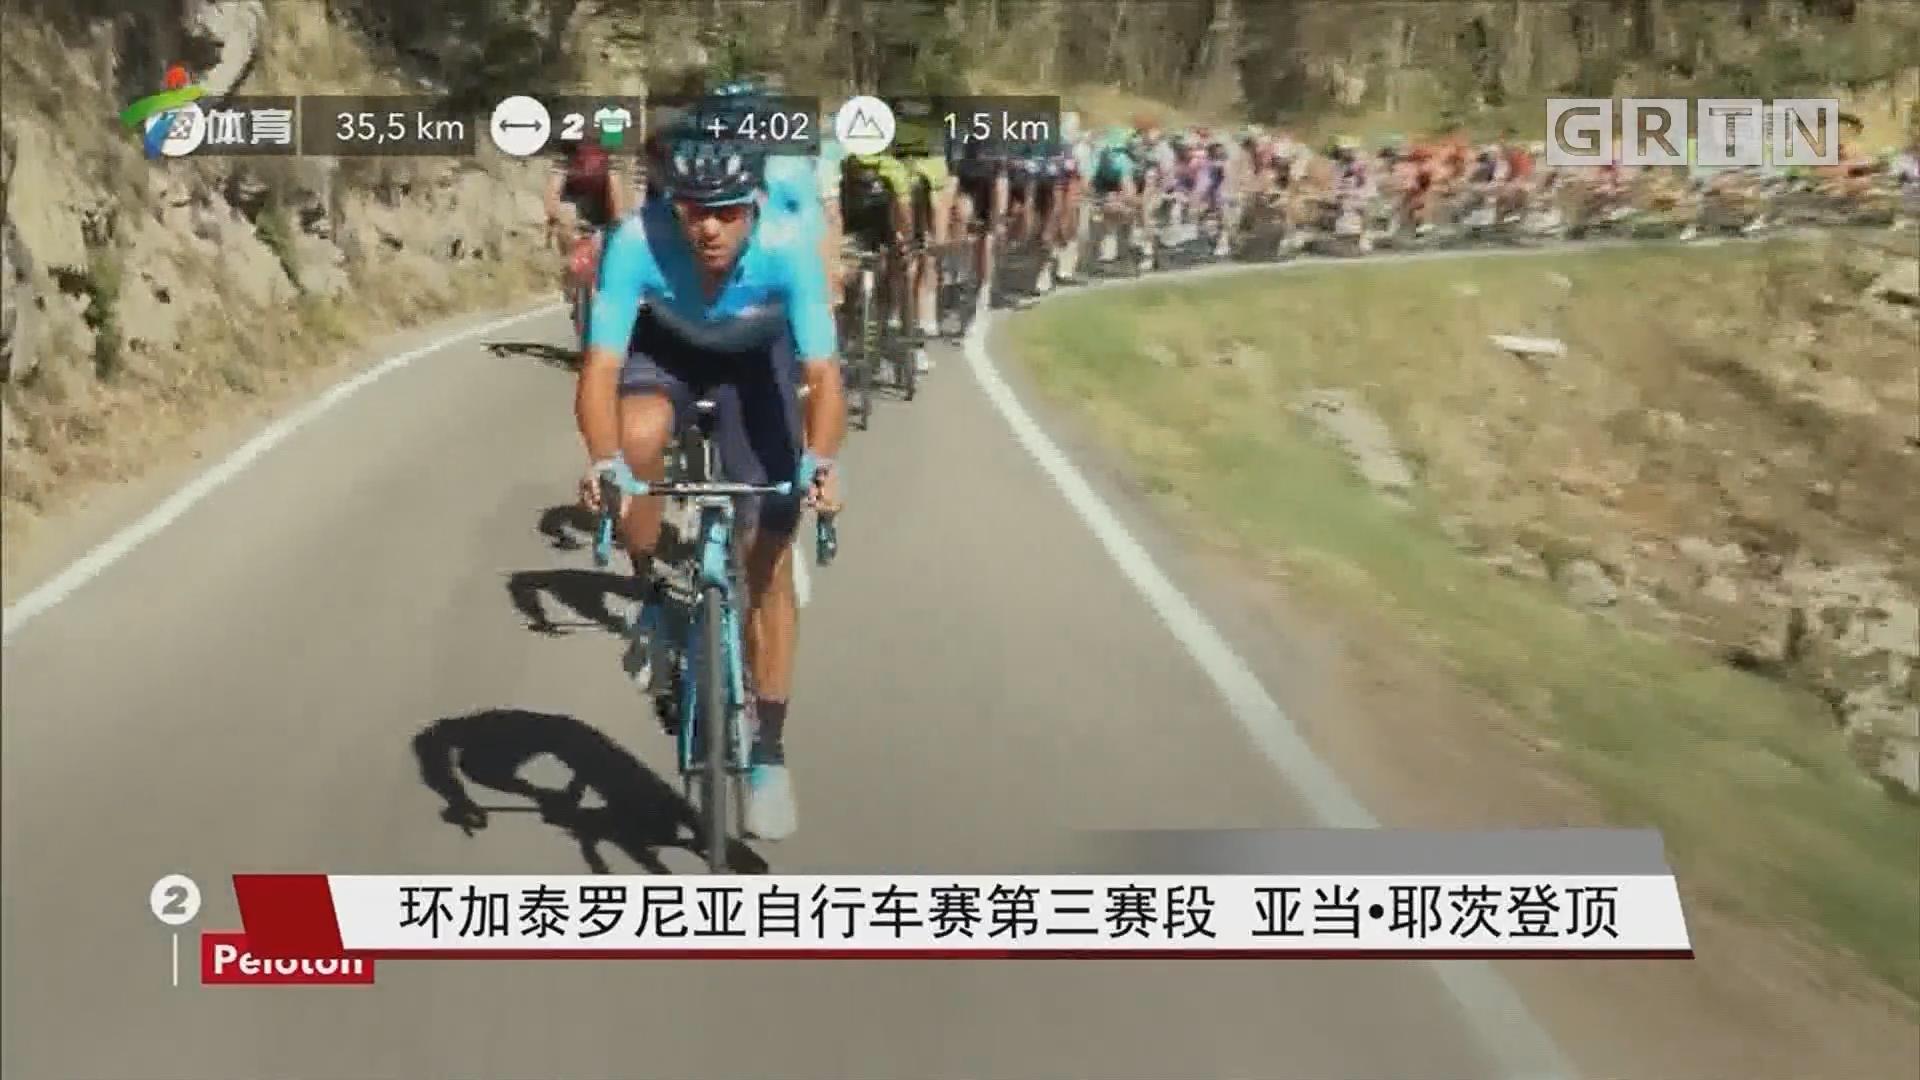 环加泰罗尼亚自行车赛第三赛段 亚当·耶茨登顶